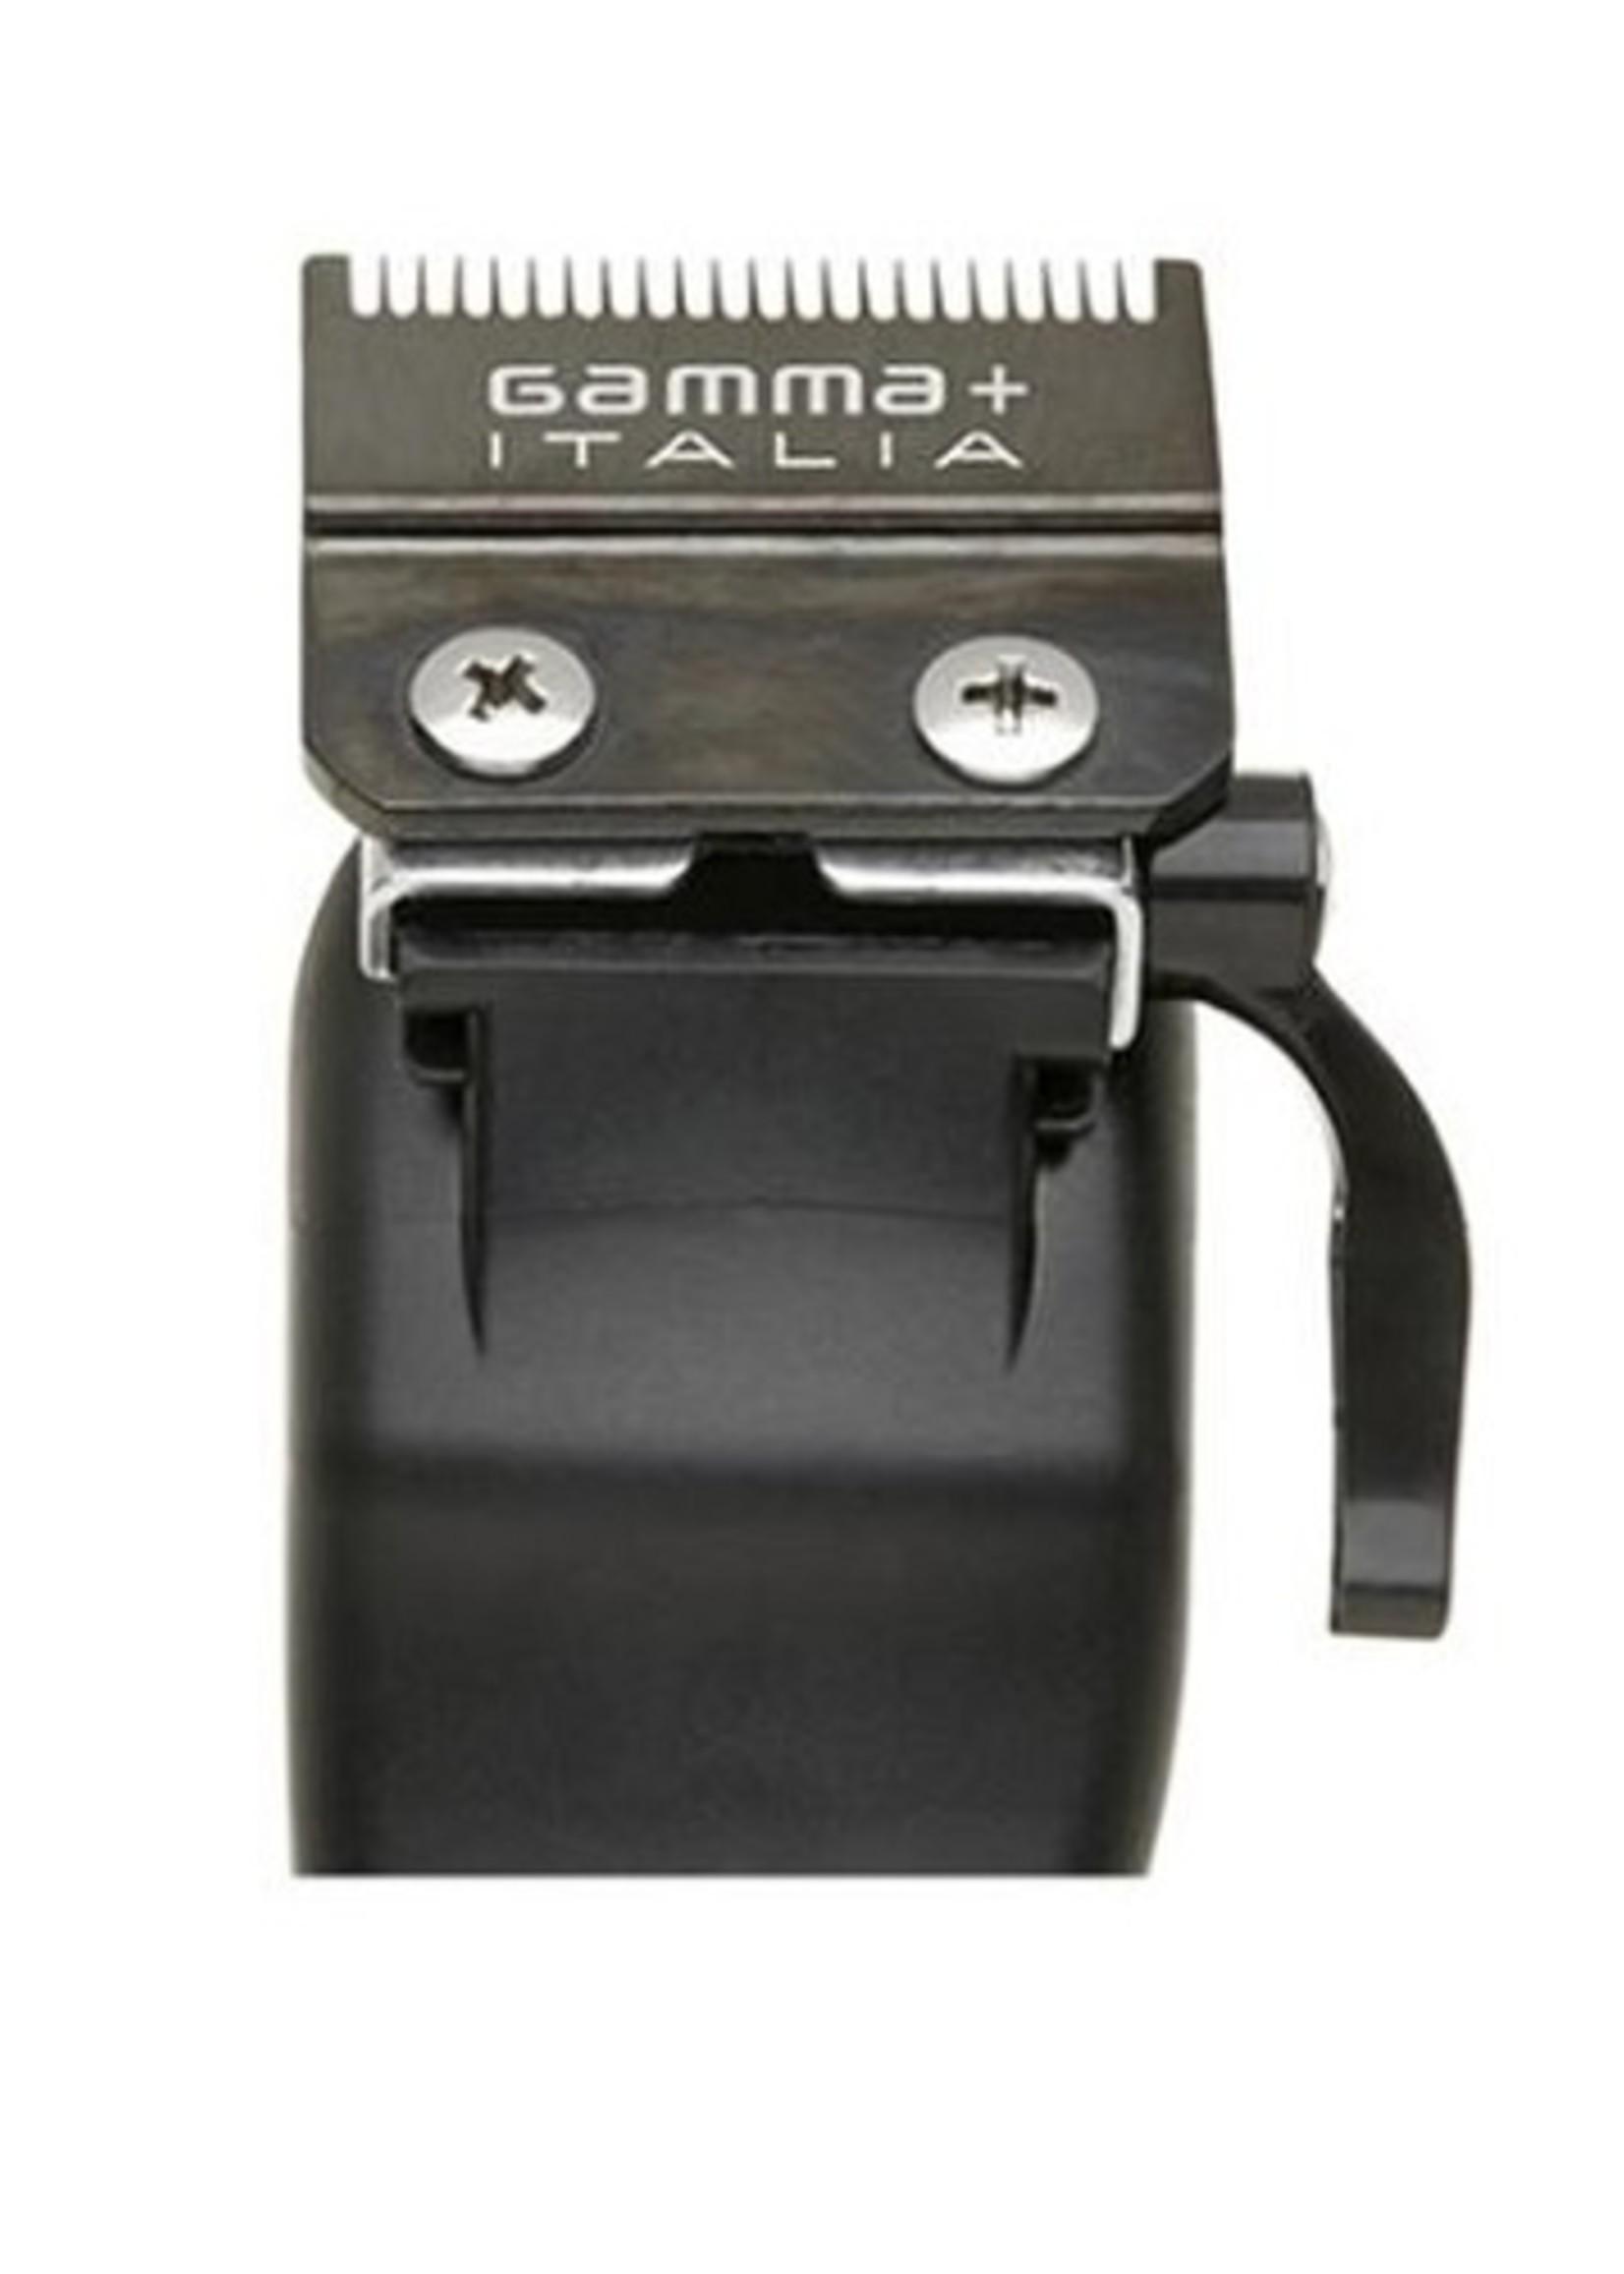 Gamma Plus Gamma+ Absolute Alpha Clipper